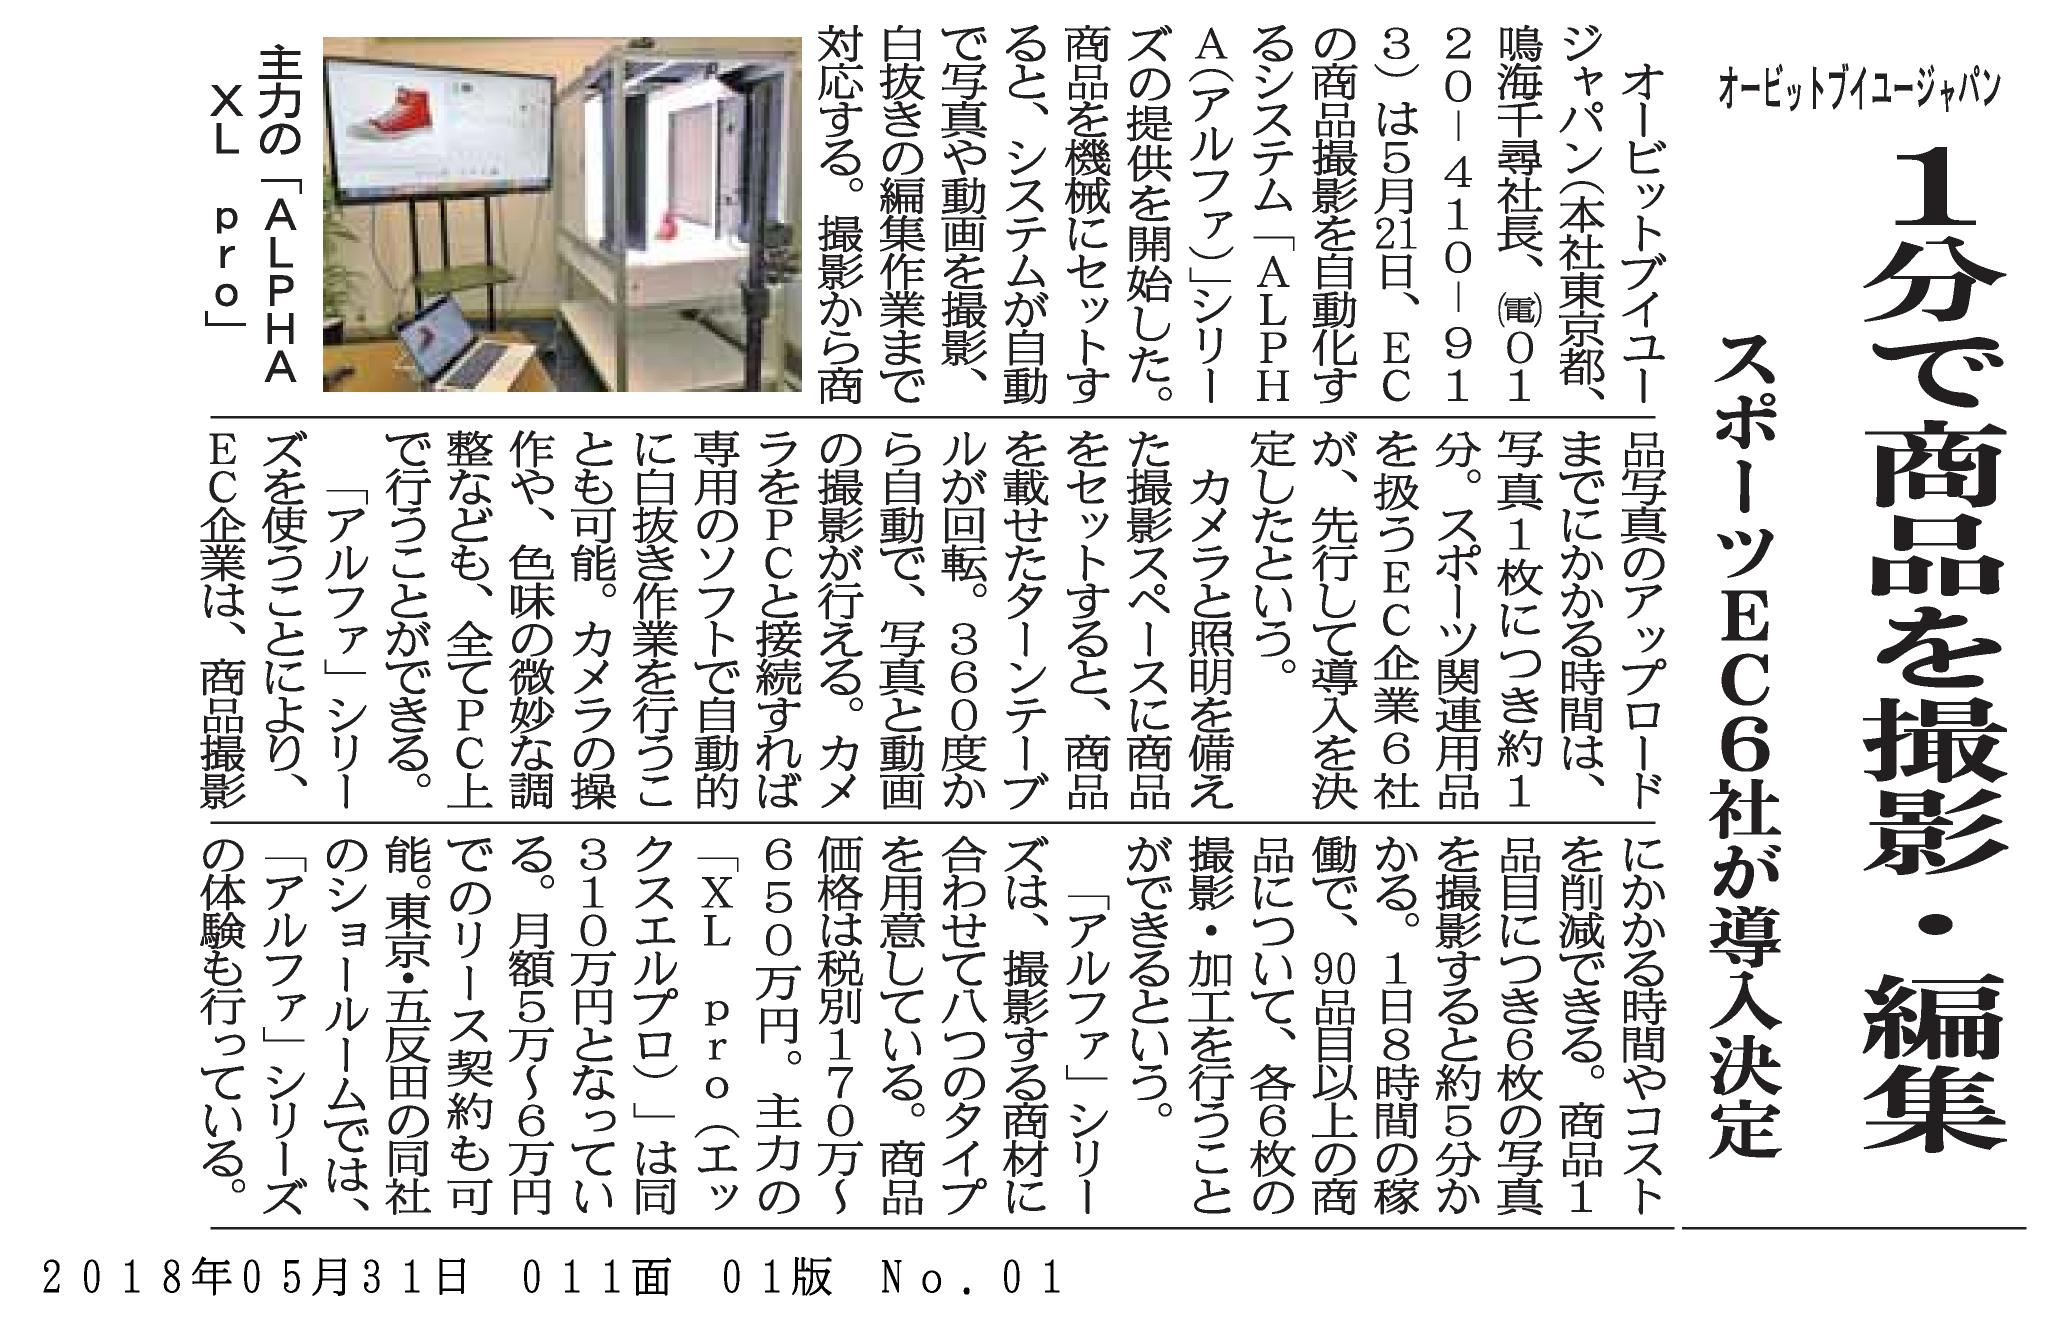 オービットブイユージャパンの商品撮影システムが日本経済ネット新聞に掲載されました